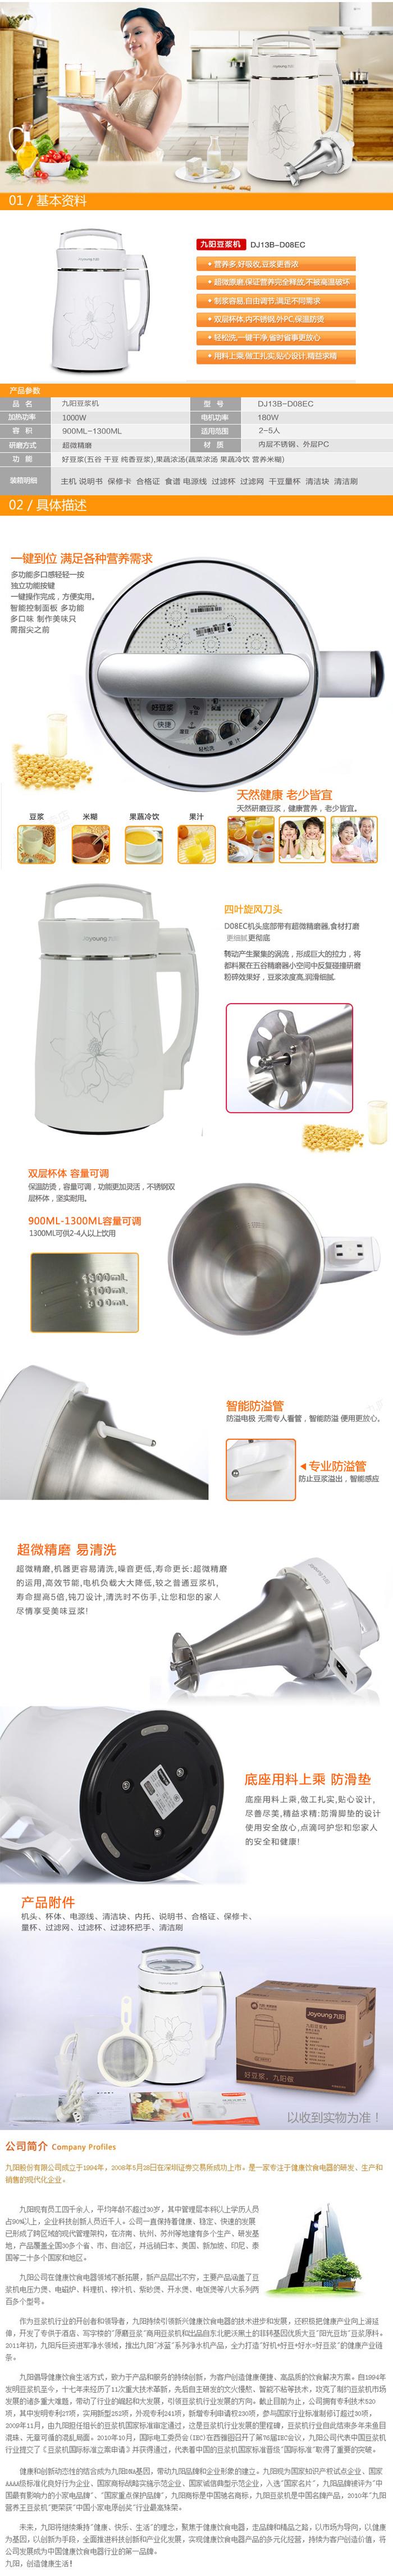 九阳 营养王系列豆浆机 dj13b-d08ec